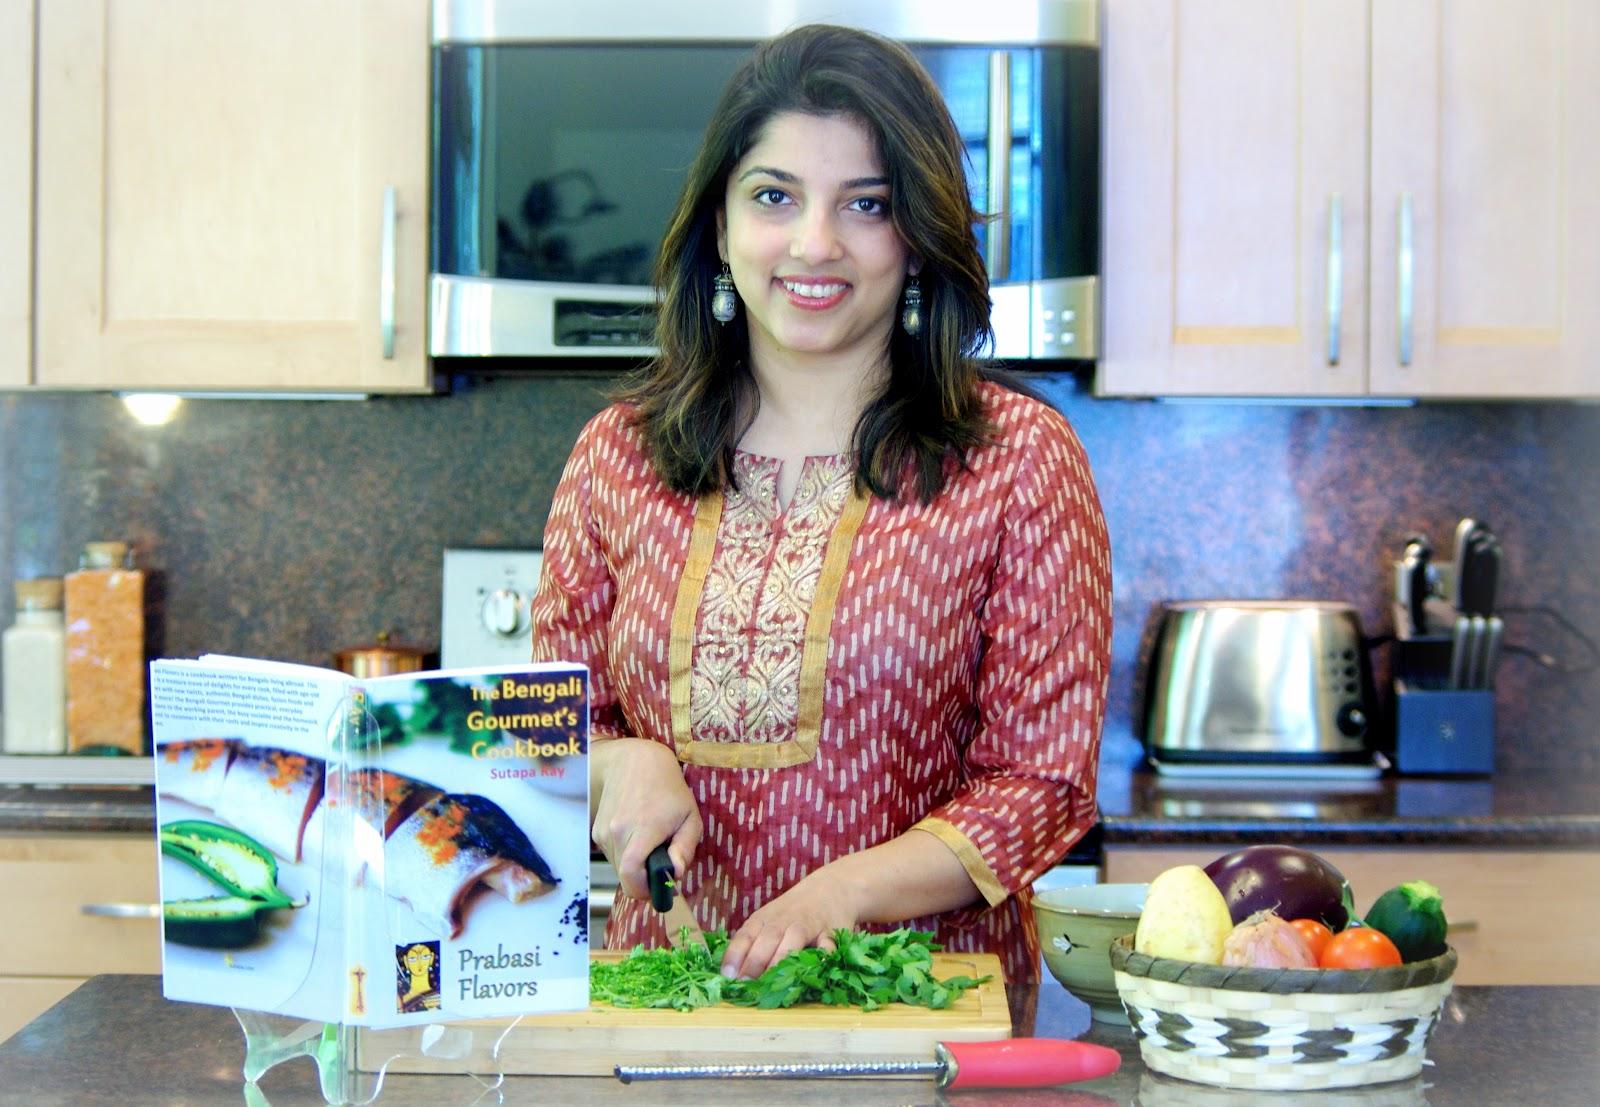 Cookbook the bengali gourmets blog cookbook forumfinder Images